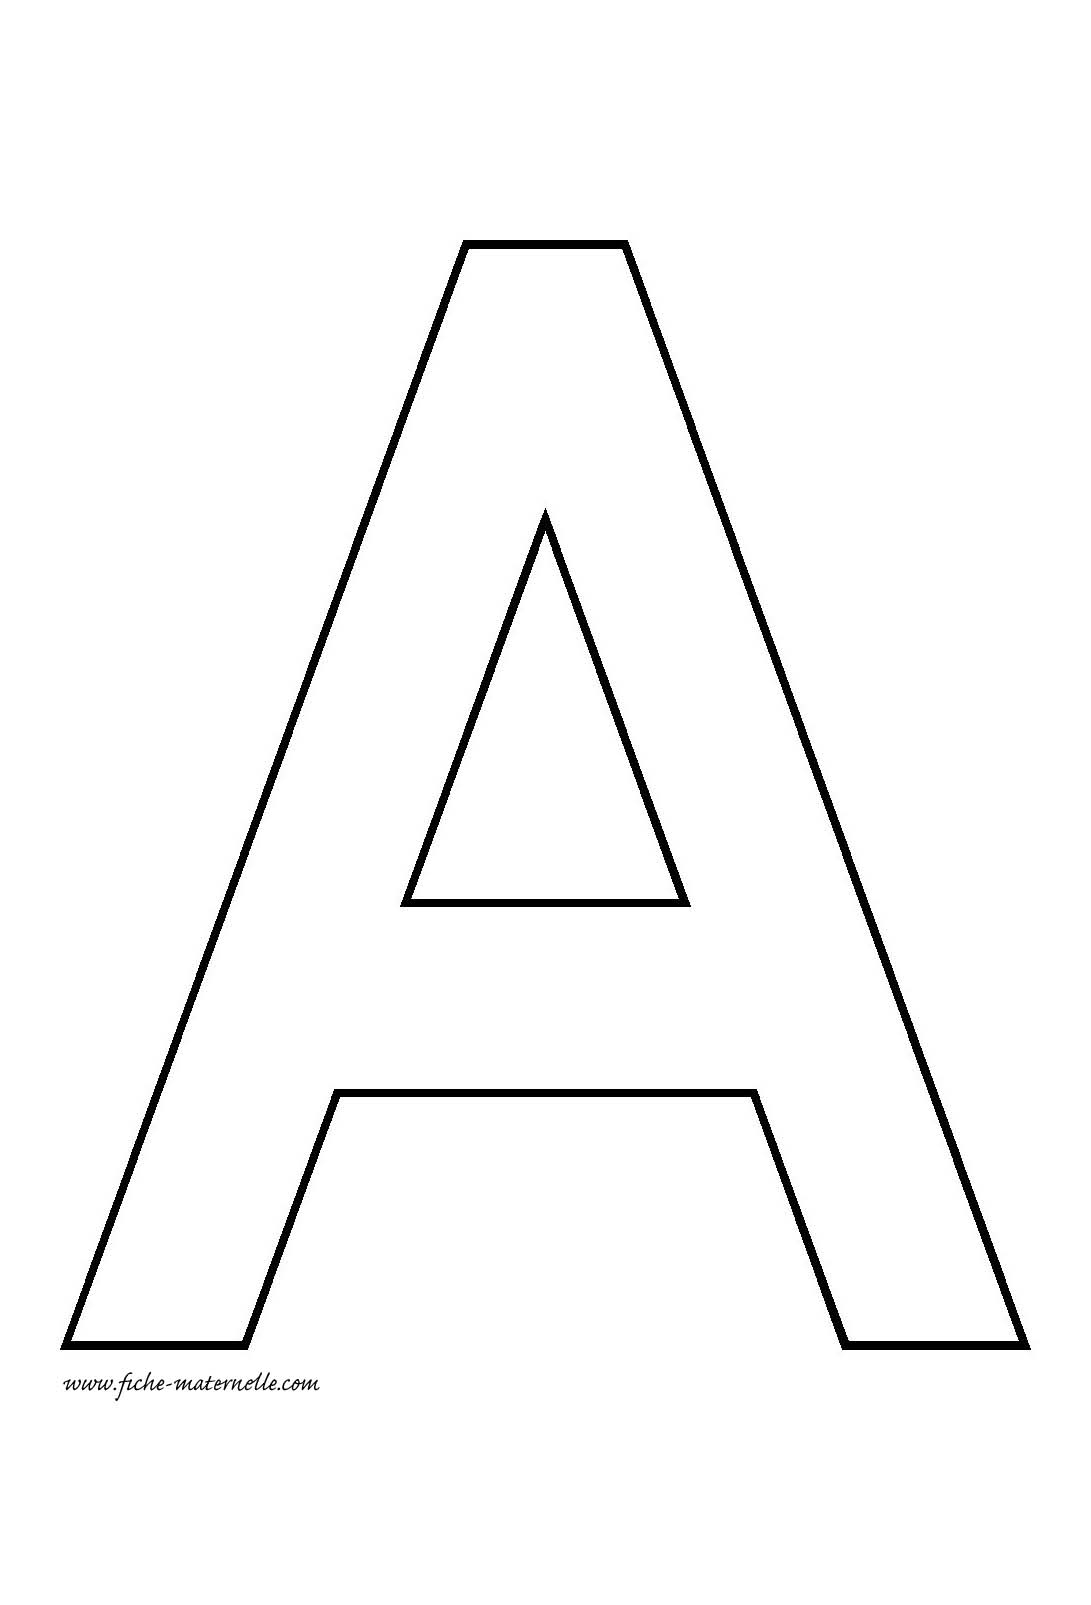 la lettre a Lettre de l'alphabet à décorer. La lettre capitale A la lettre a